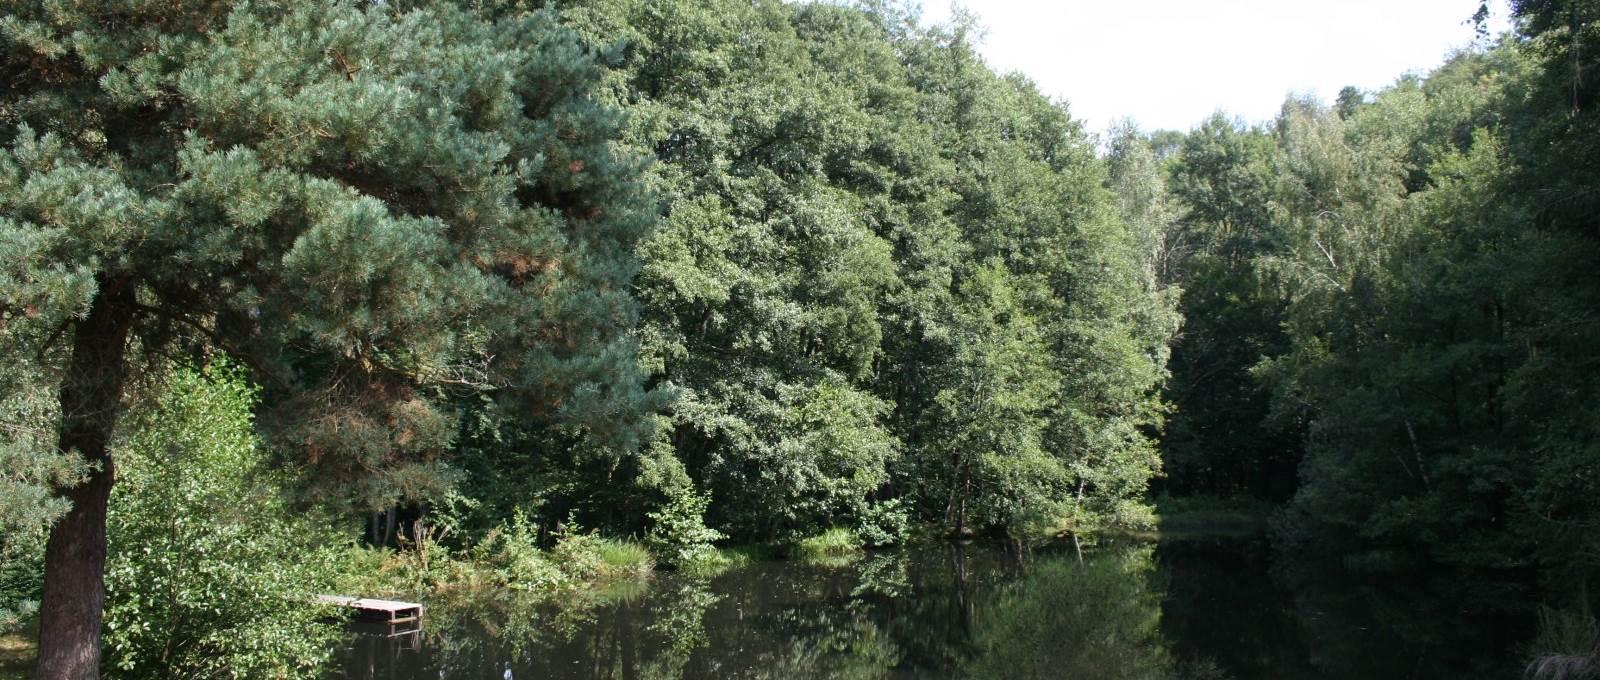 Pêche ou sieste il faudra choisir à l'étang « la Landre » Chambres et table d'Hôtes « La Landre » la Vôge les Bains, Bains les Bains, Le Clerjus.